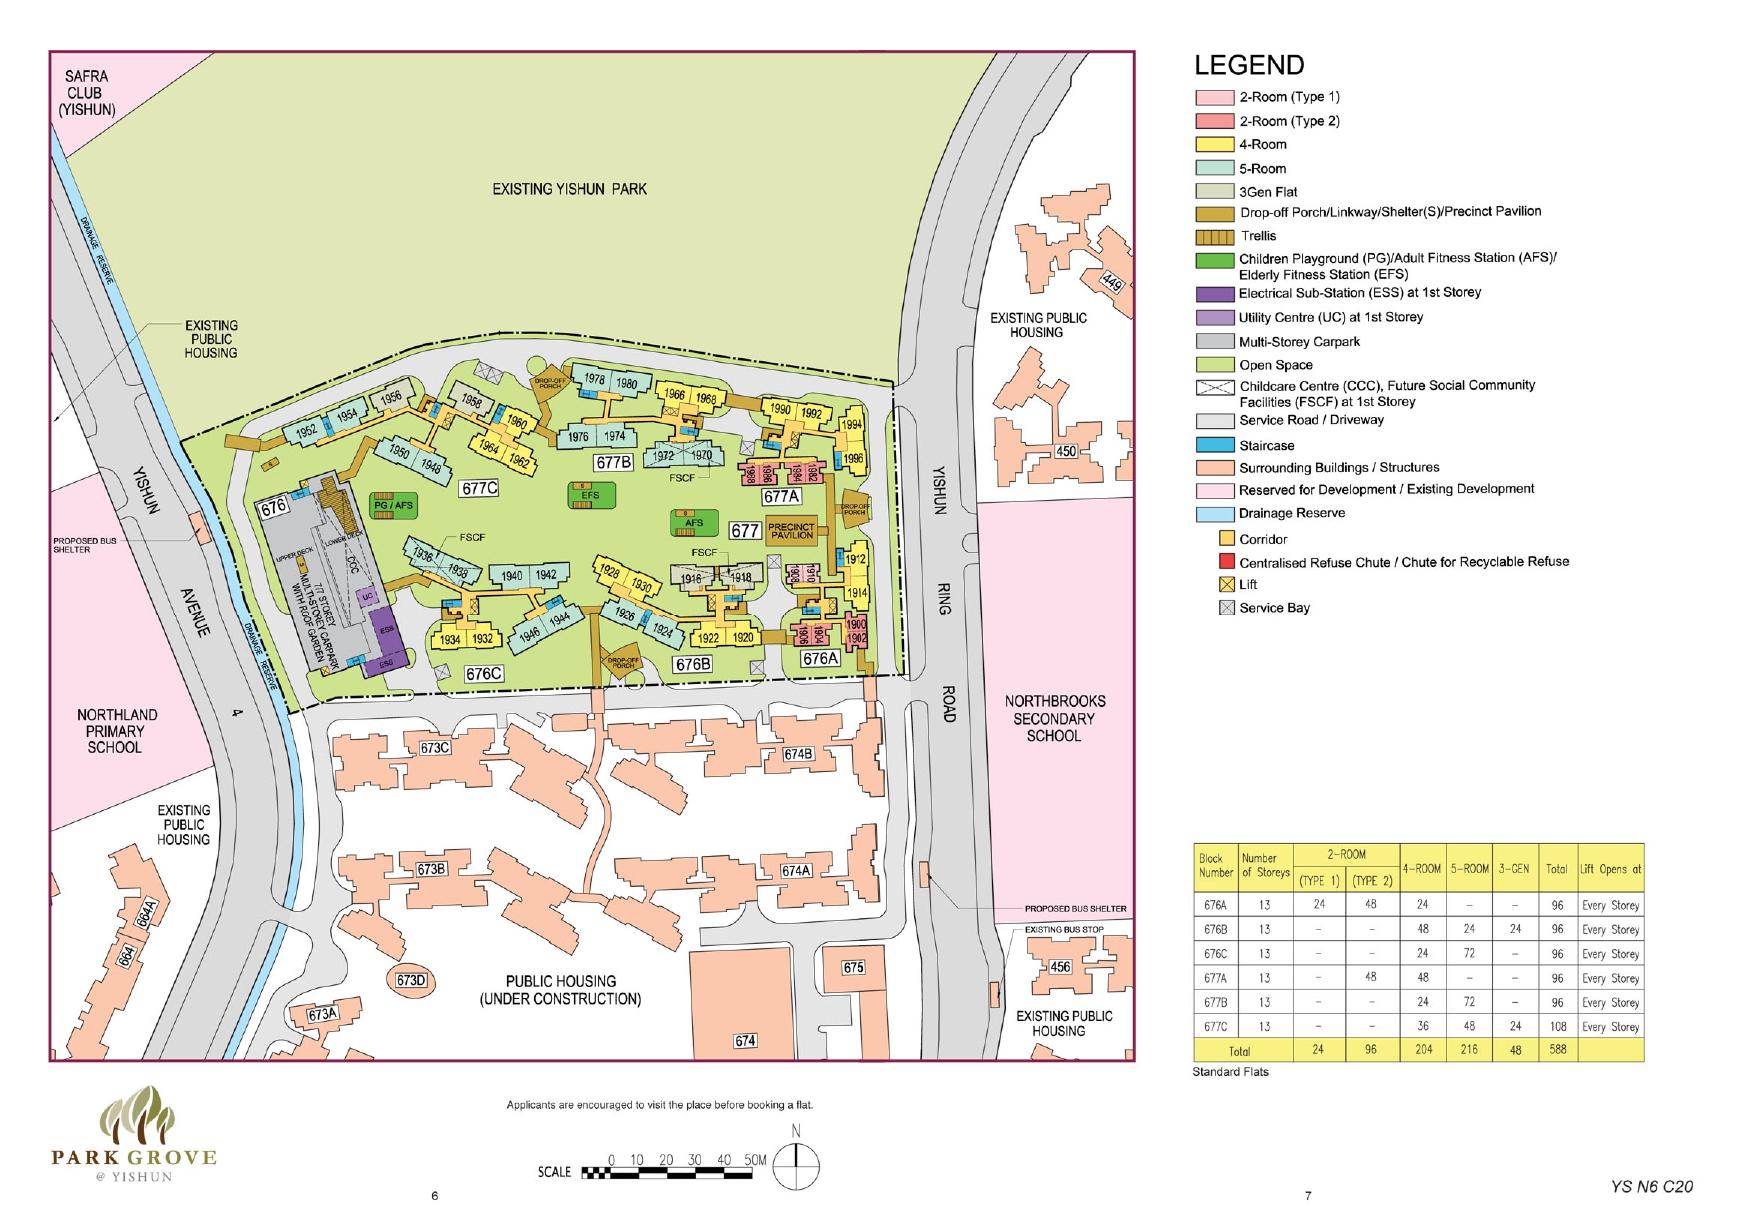 Park Grove @ Yishun Site Plan